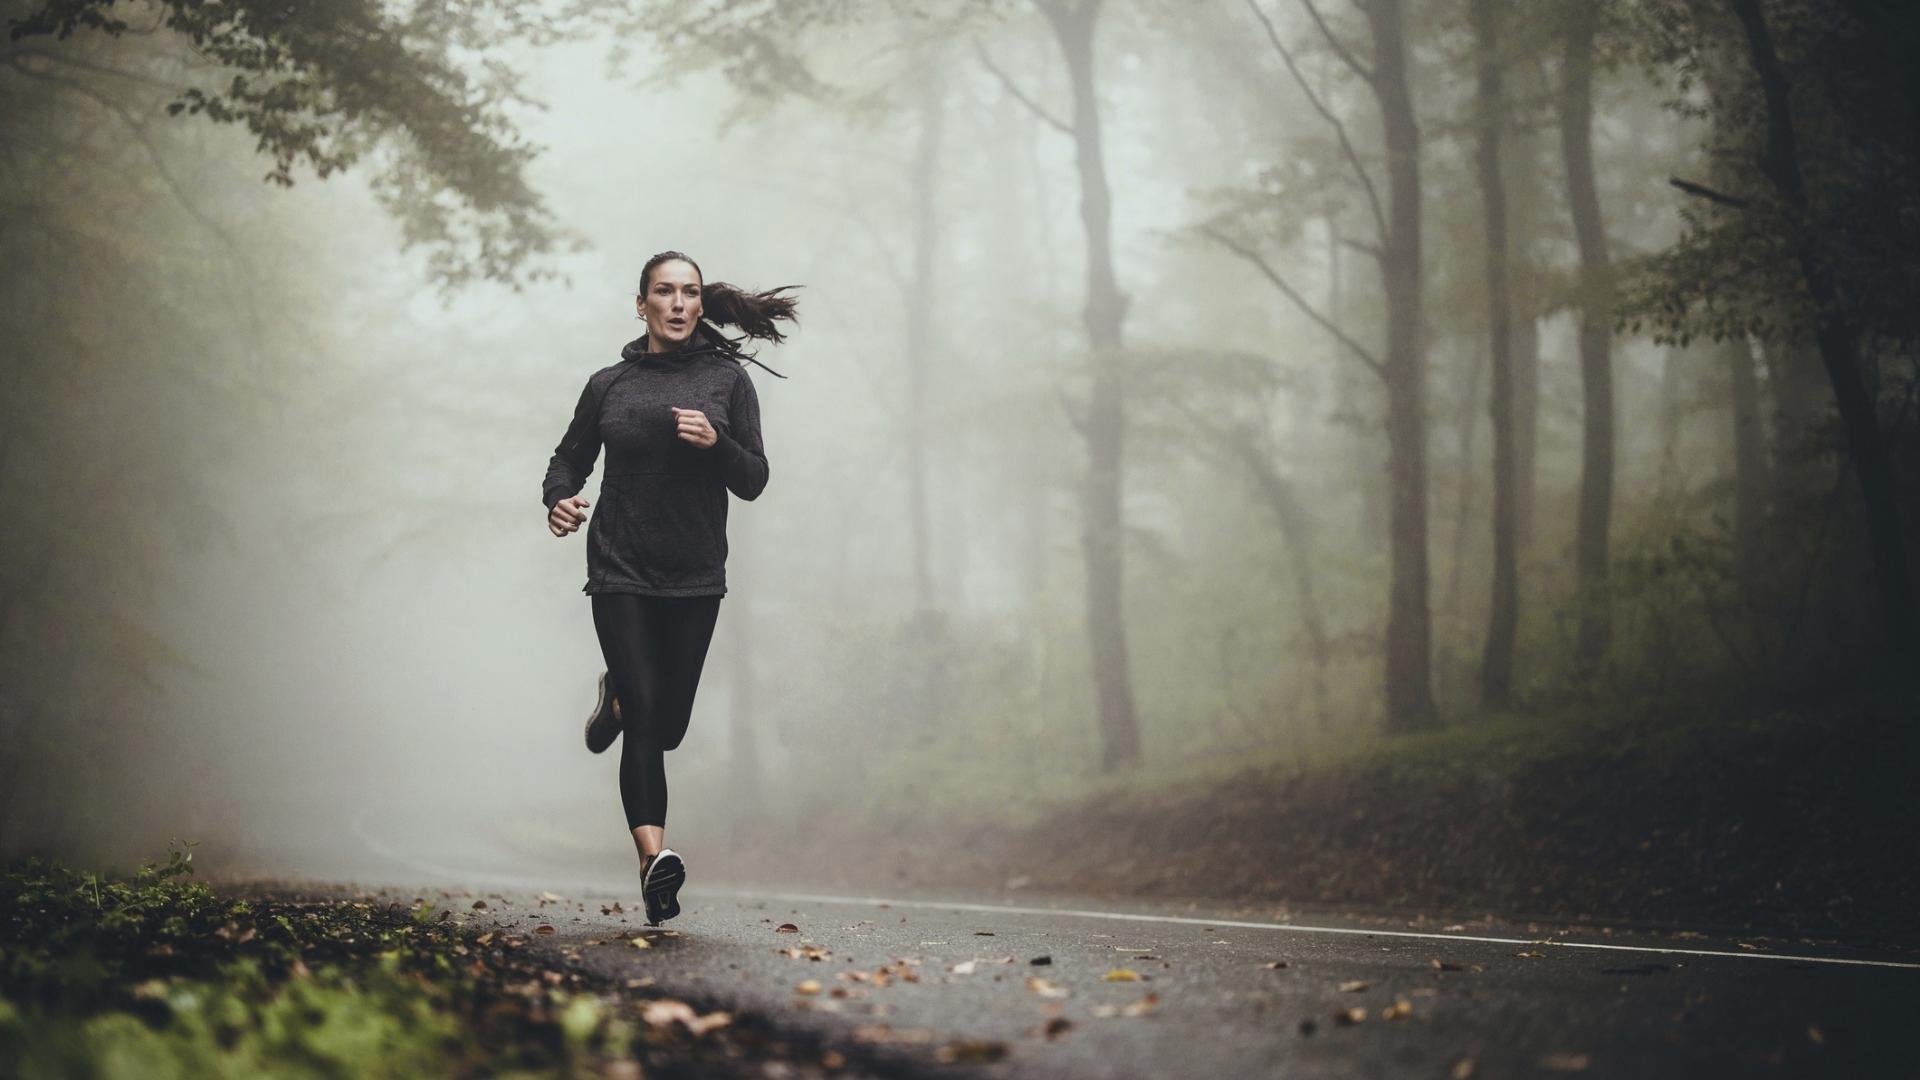 Työ ja vapaa-aika kannattaa pitää erillään, vaikka korona pakottaa monet etätöihin. Liikunta on hyvä arkirutiini lievittämään stressiä.